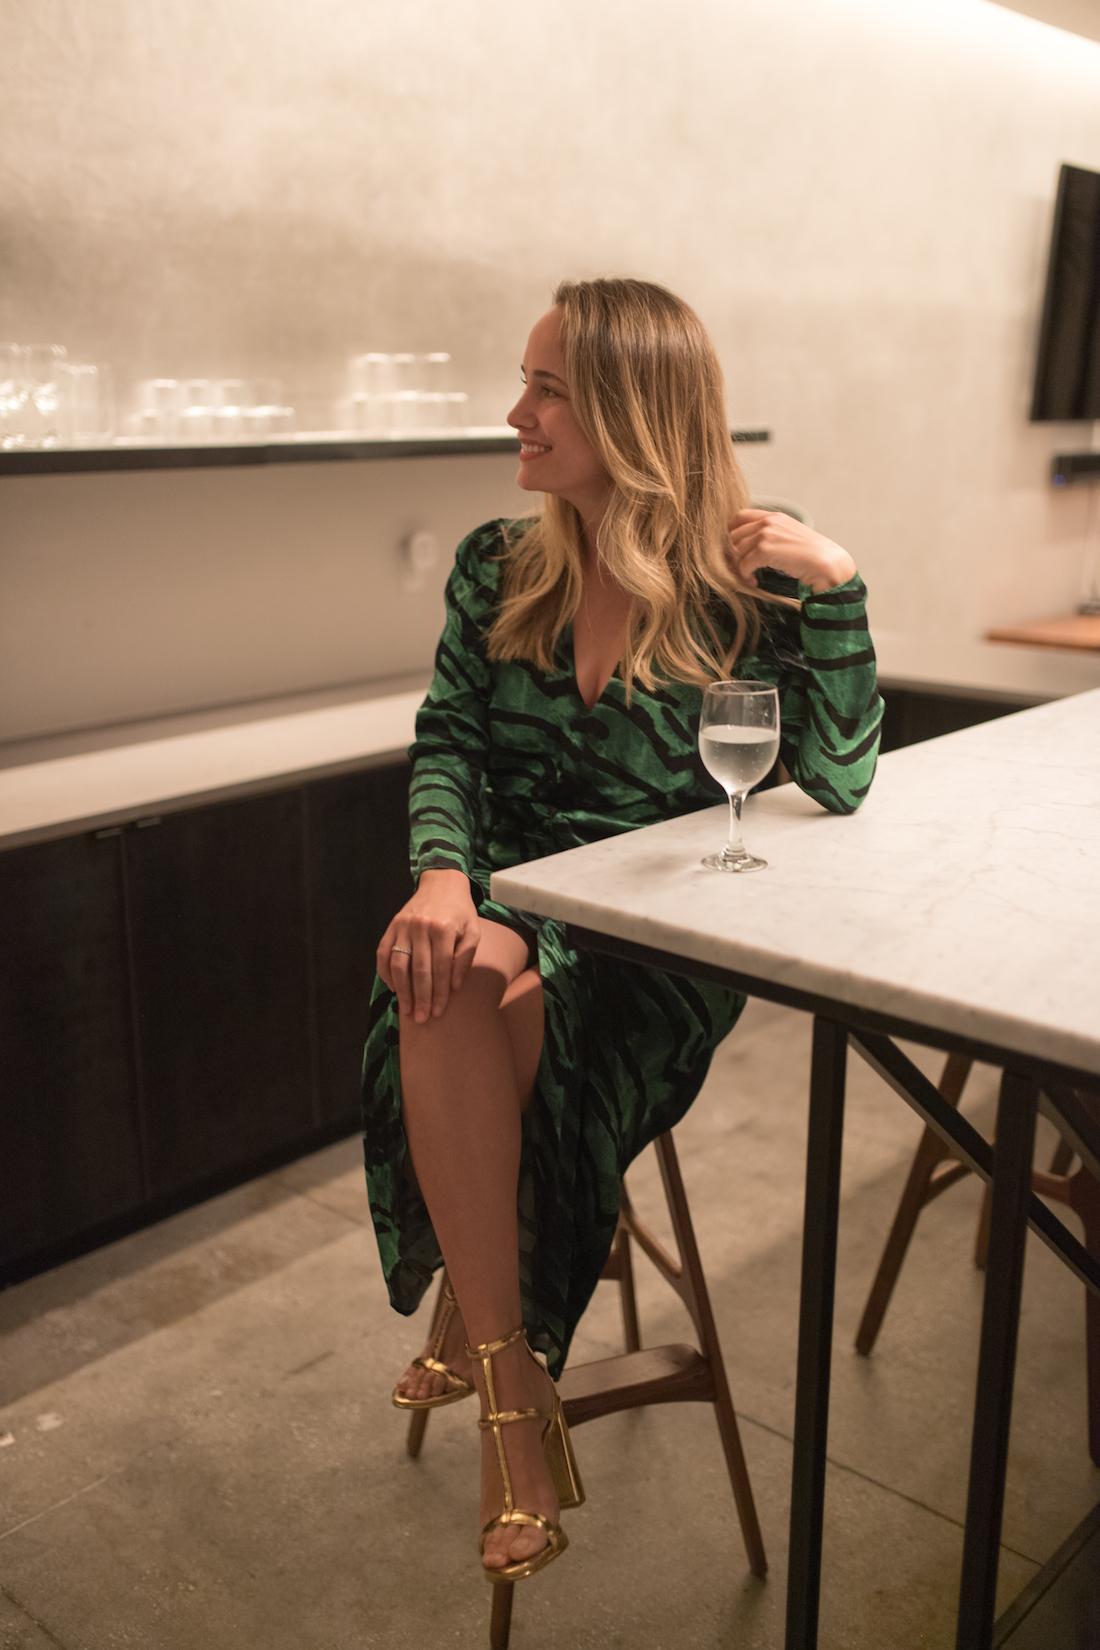 Grace is wearing a emerald green dress